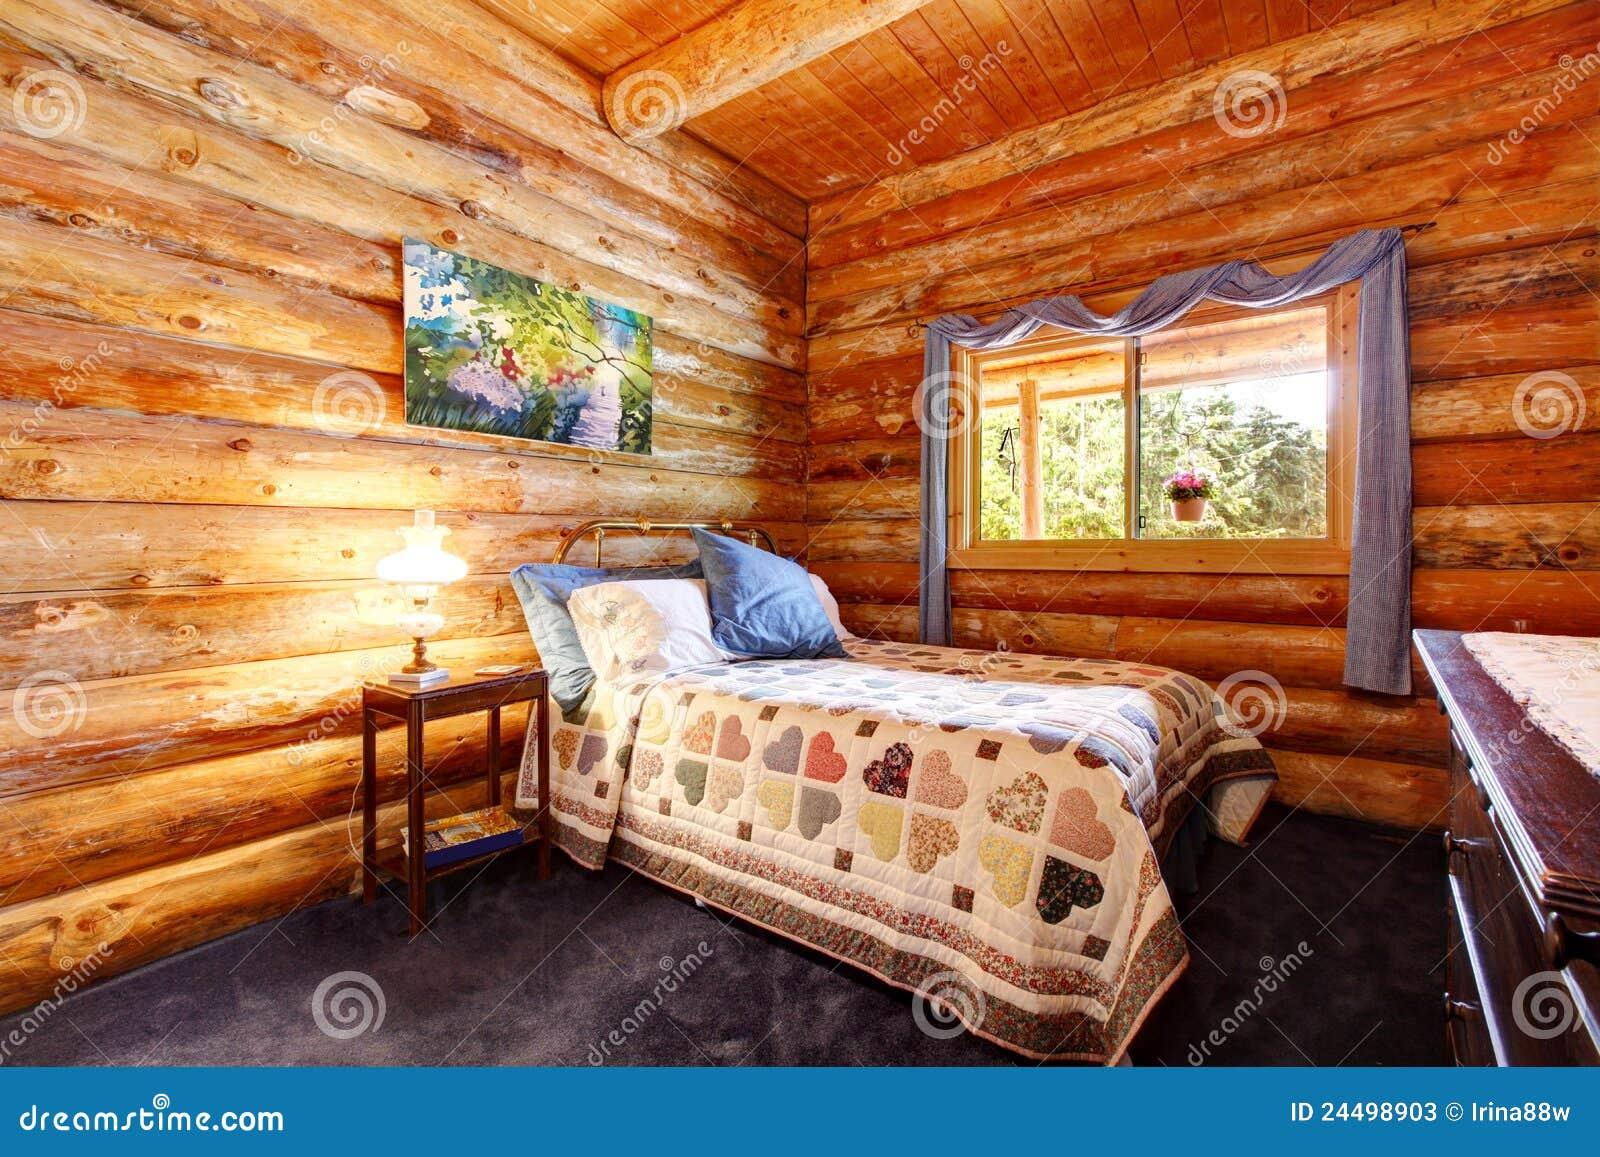 Camera da letto rustica della cabina di libro macchina con for Riparazione della cabina di log